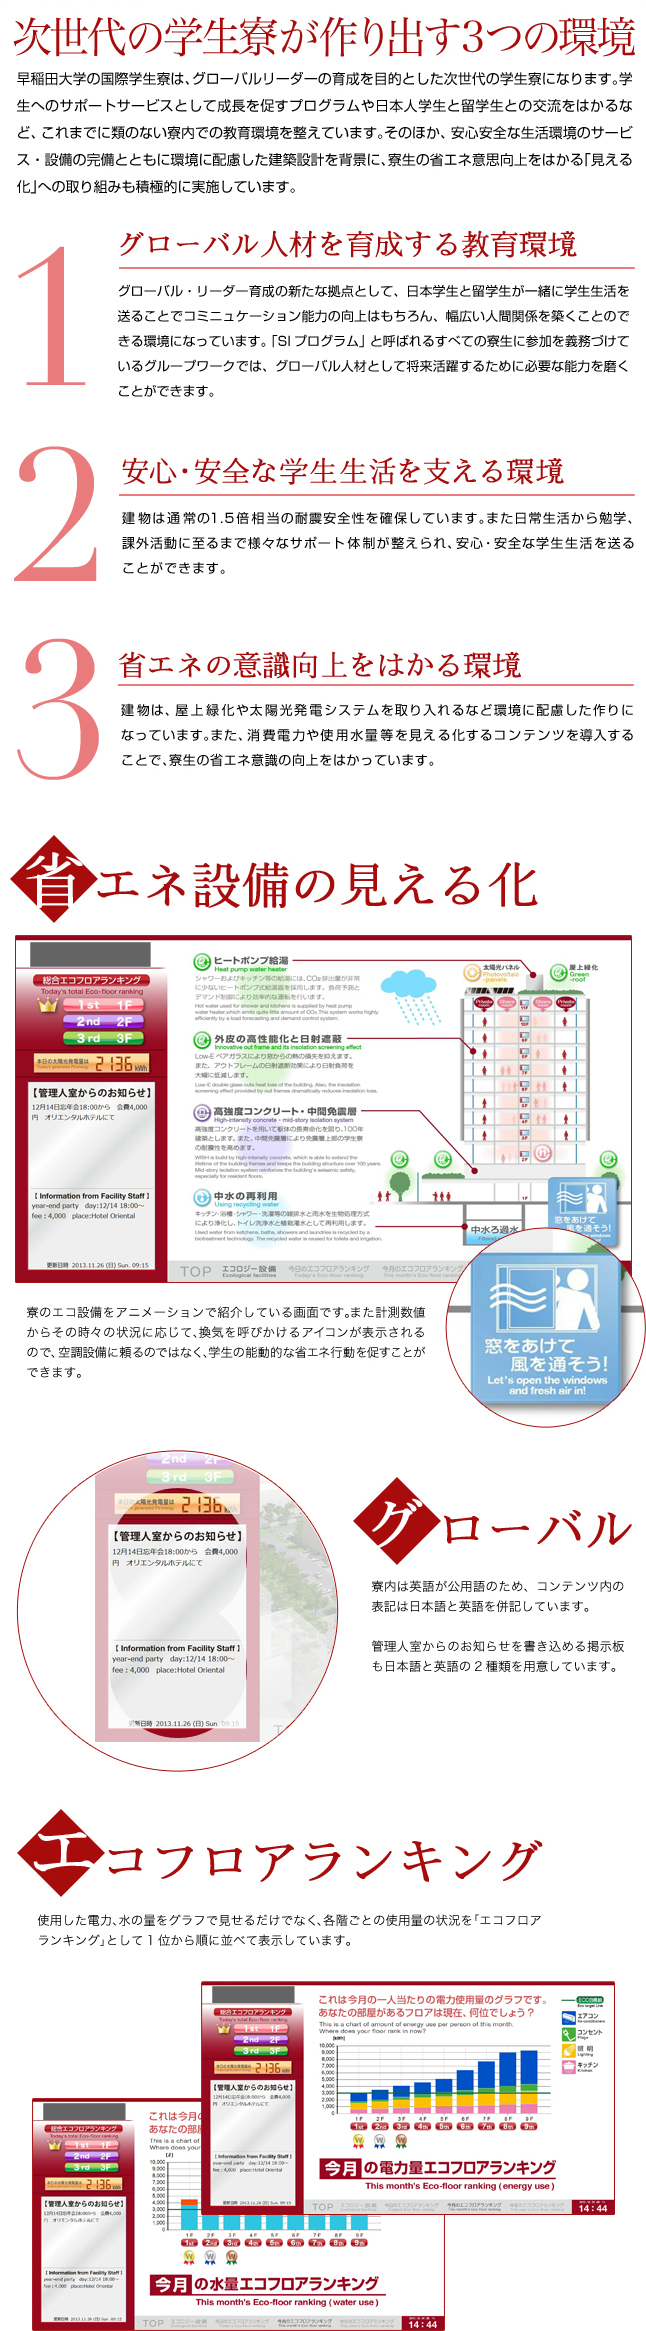 早稲田大学 中野国際コミュニティプラザ学生寮本文